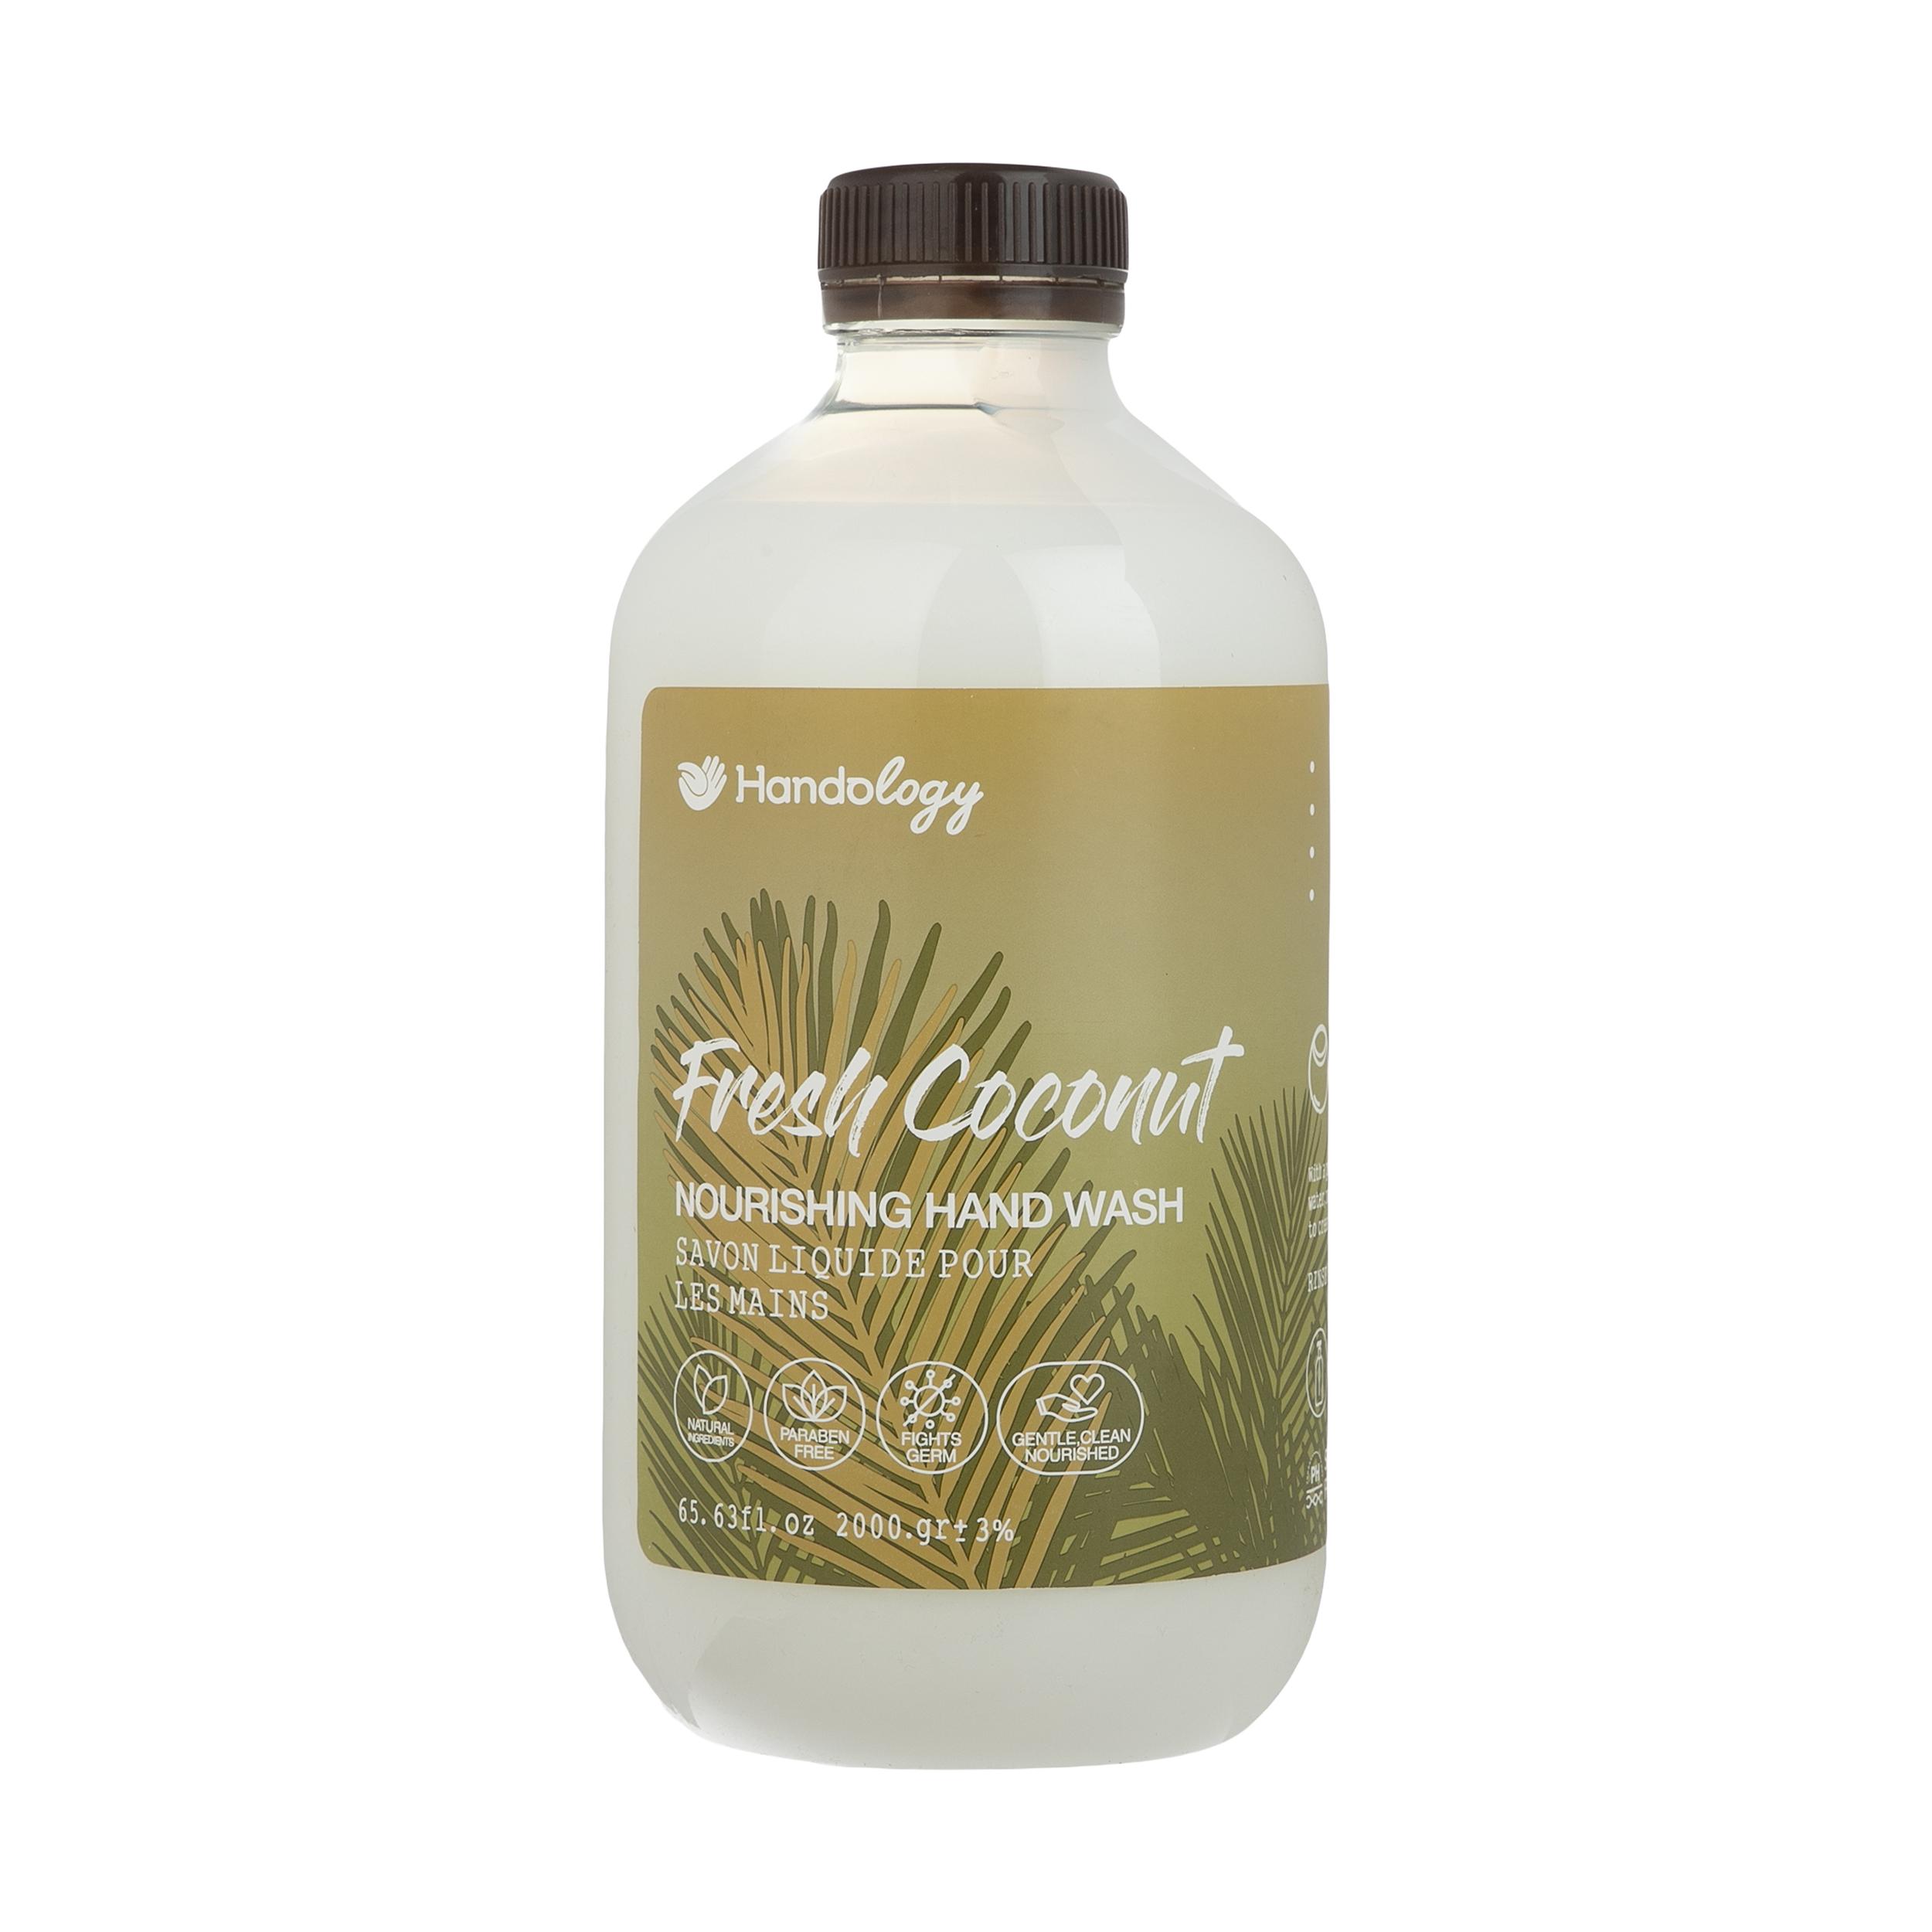 مایع دستشویی هندولوژی مدل Fresh Coconut مقدار 2 کیلوگرم